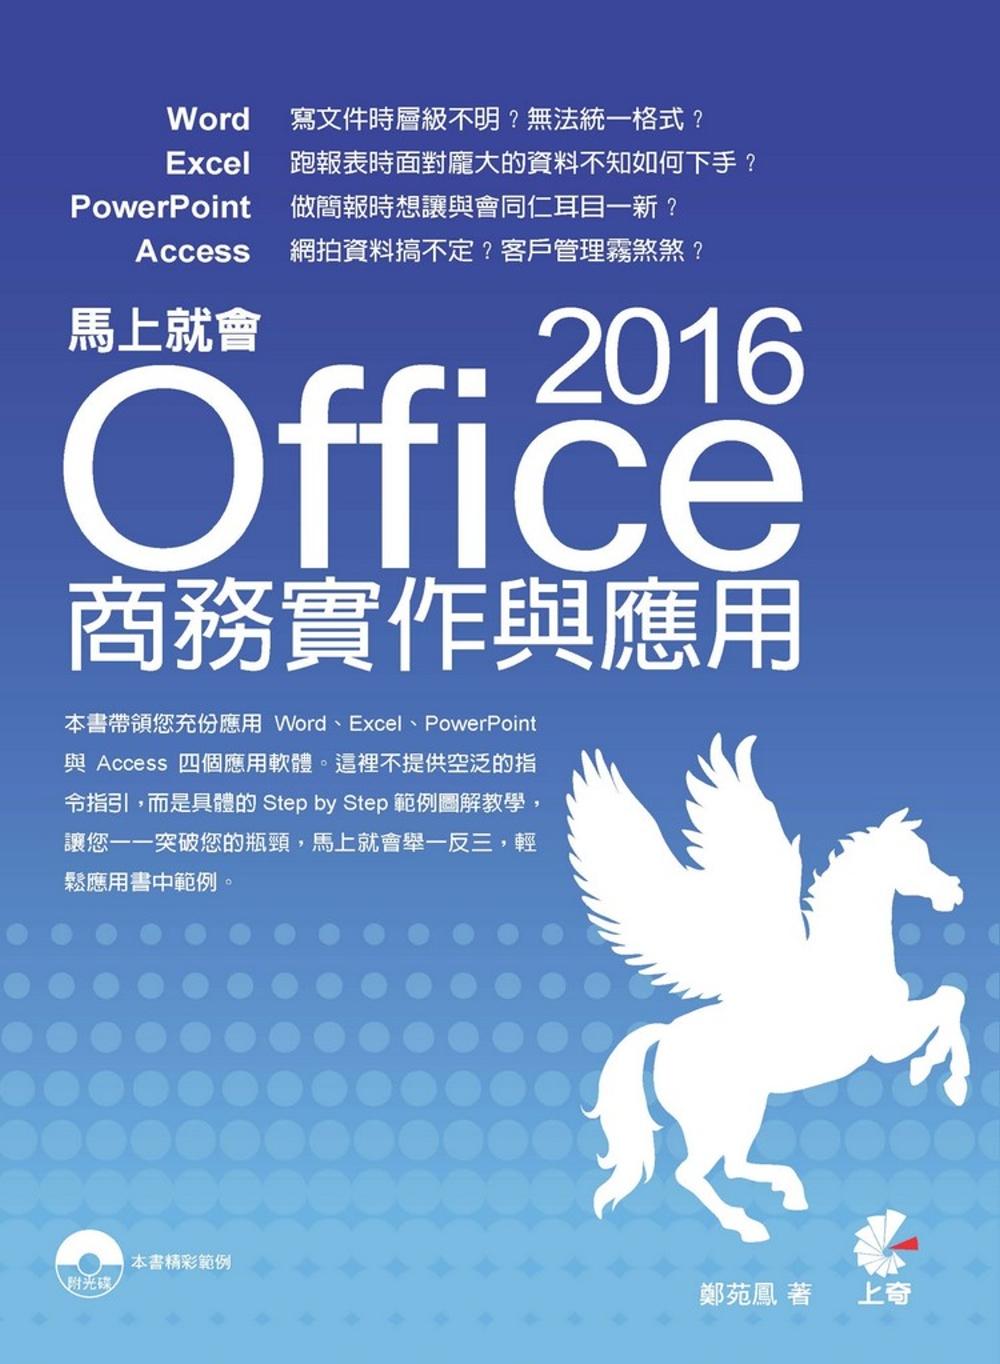 馬上就會 Office 2016 商...